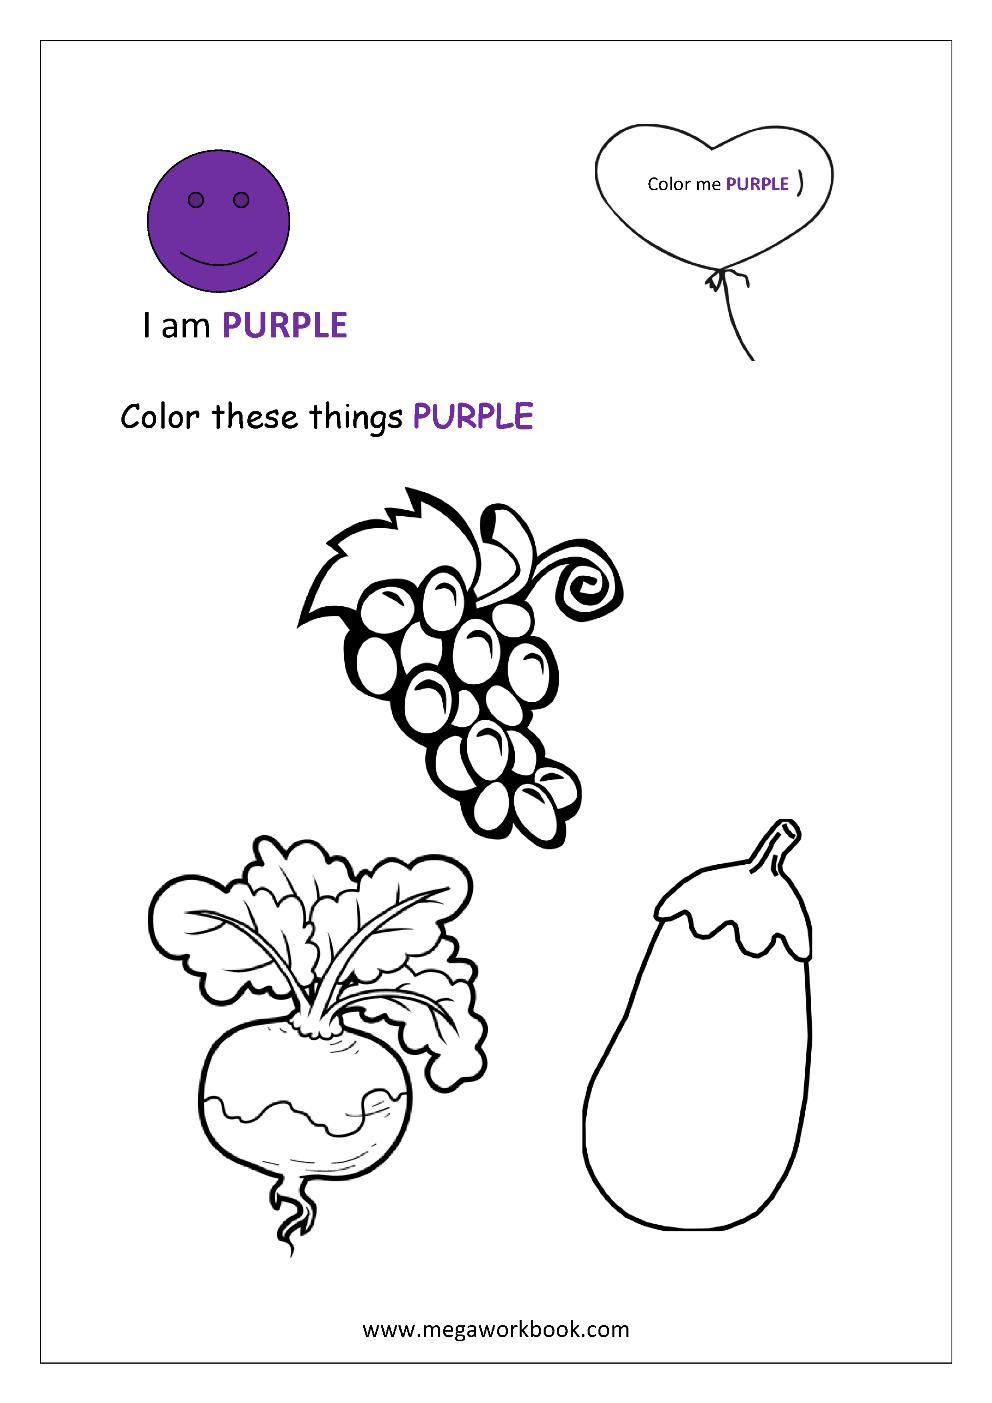 Preschool Worksheet Gallery: Preschool Color Purple ...